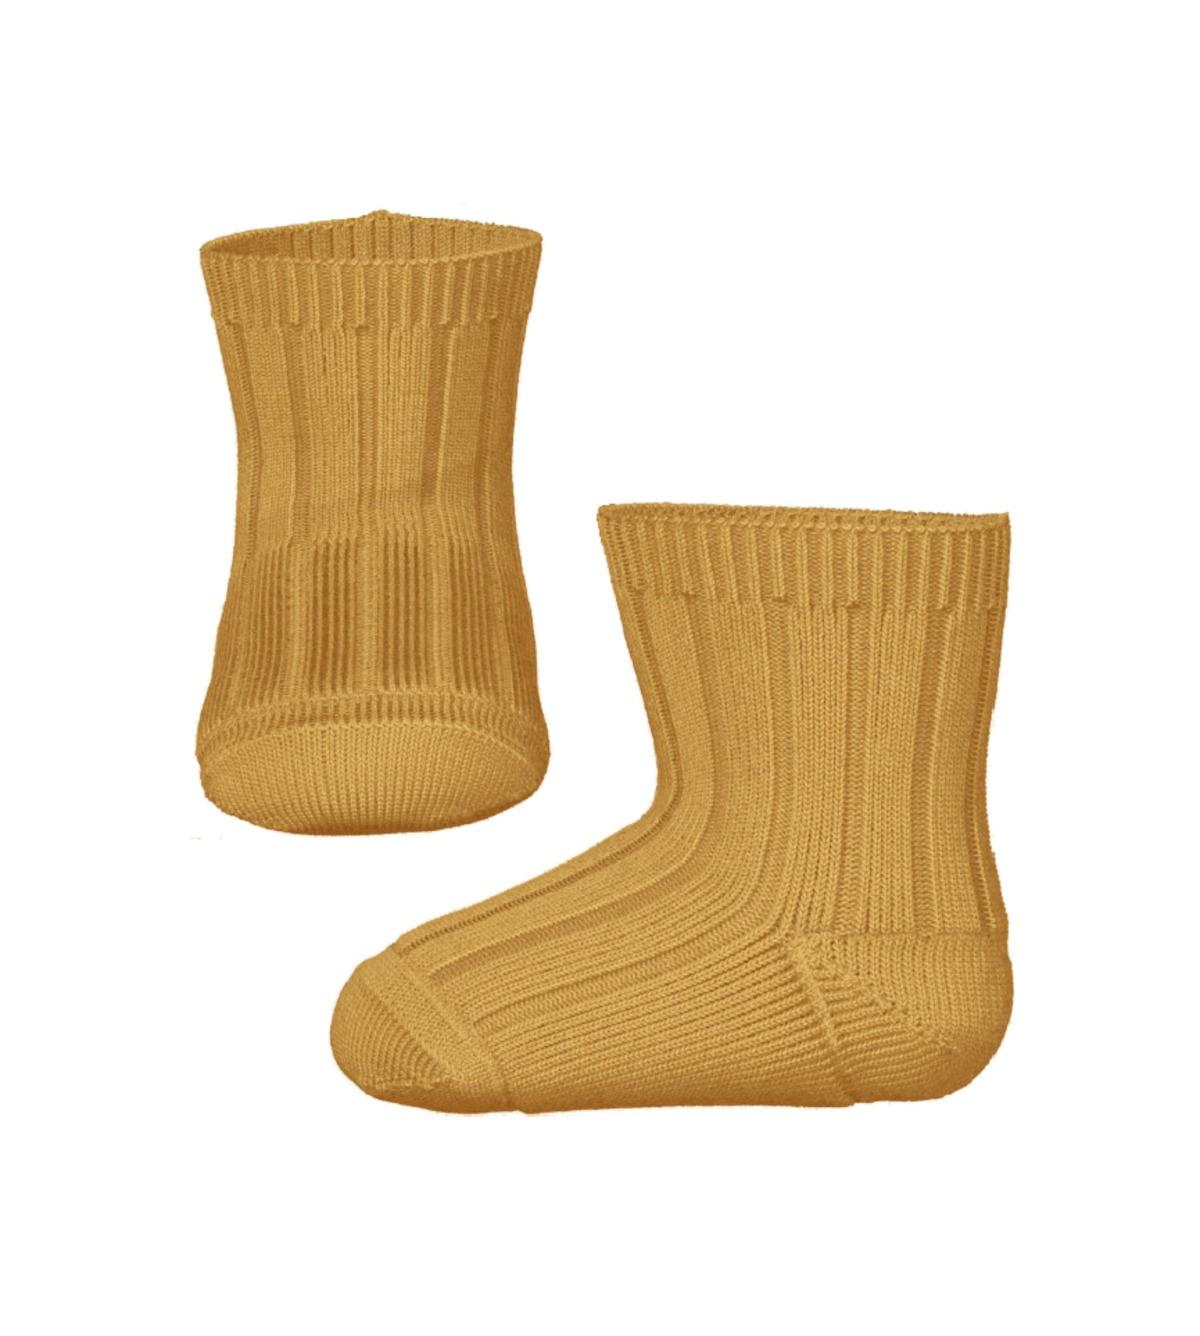 Gule sokker til baby